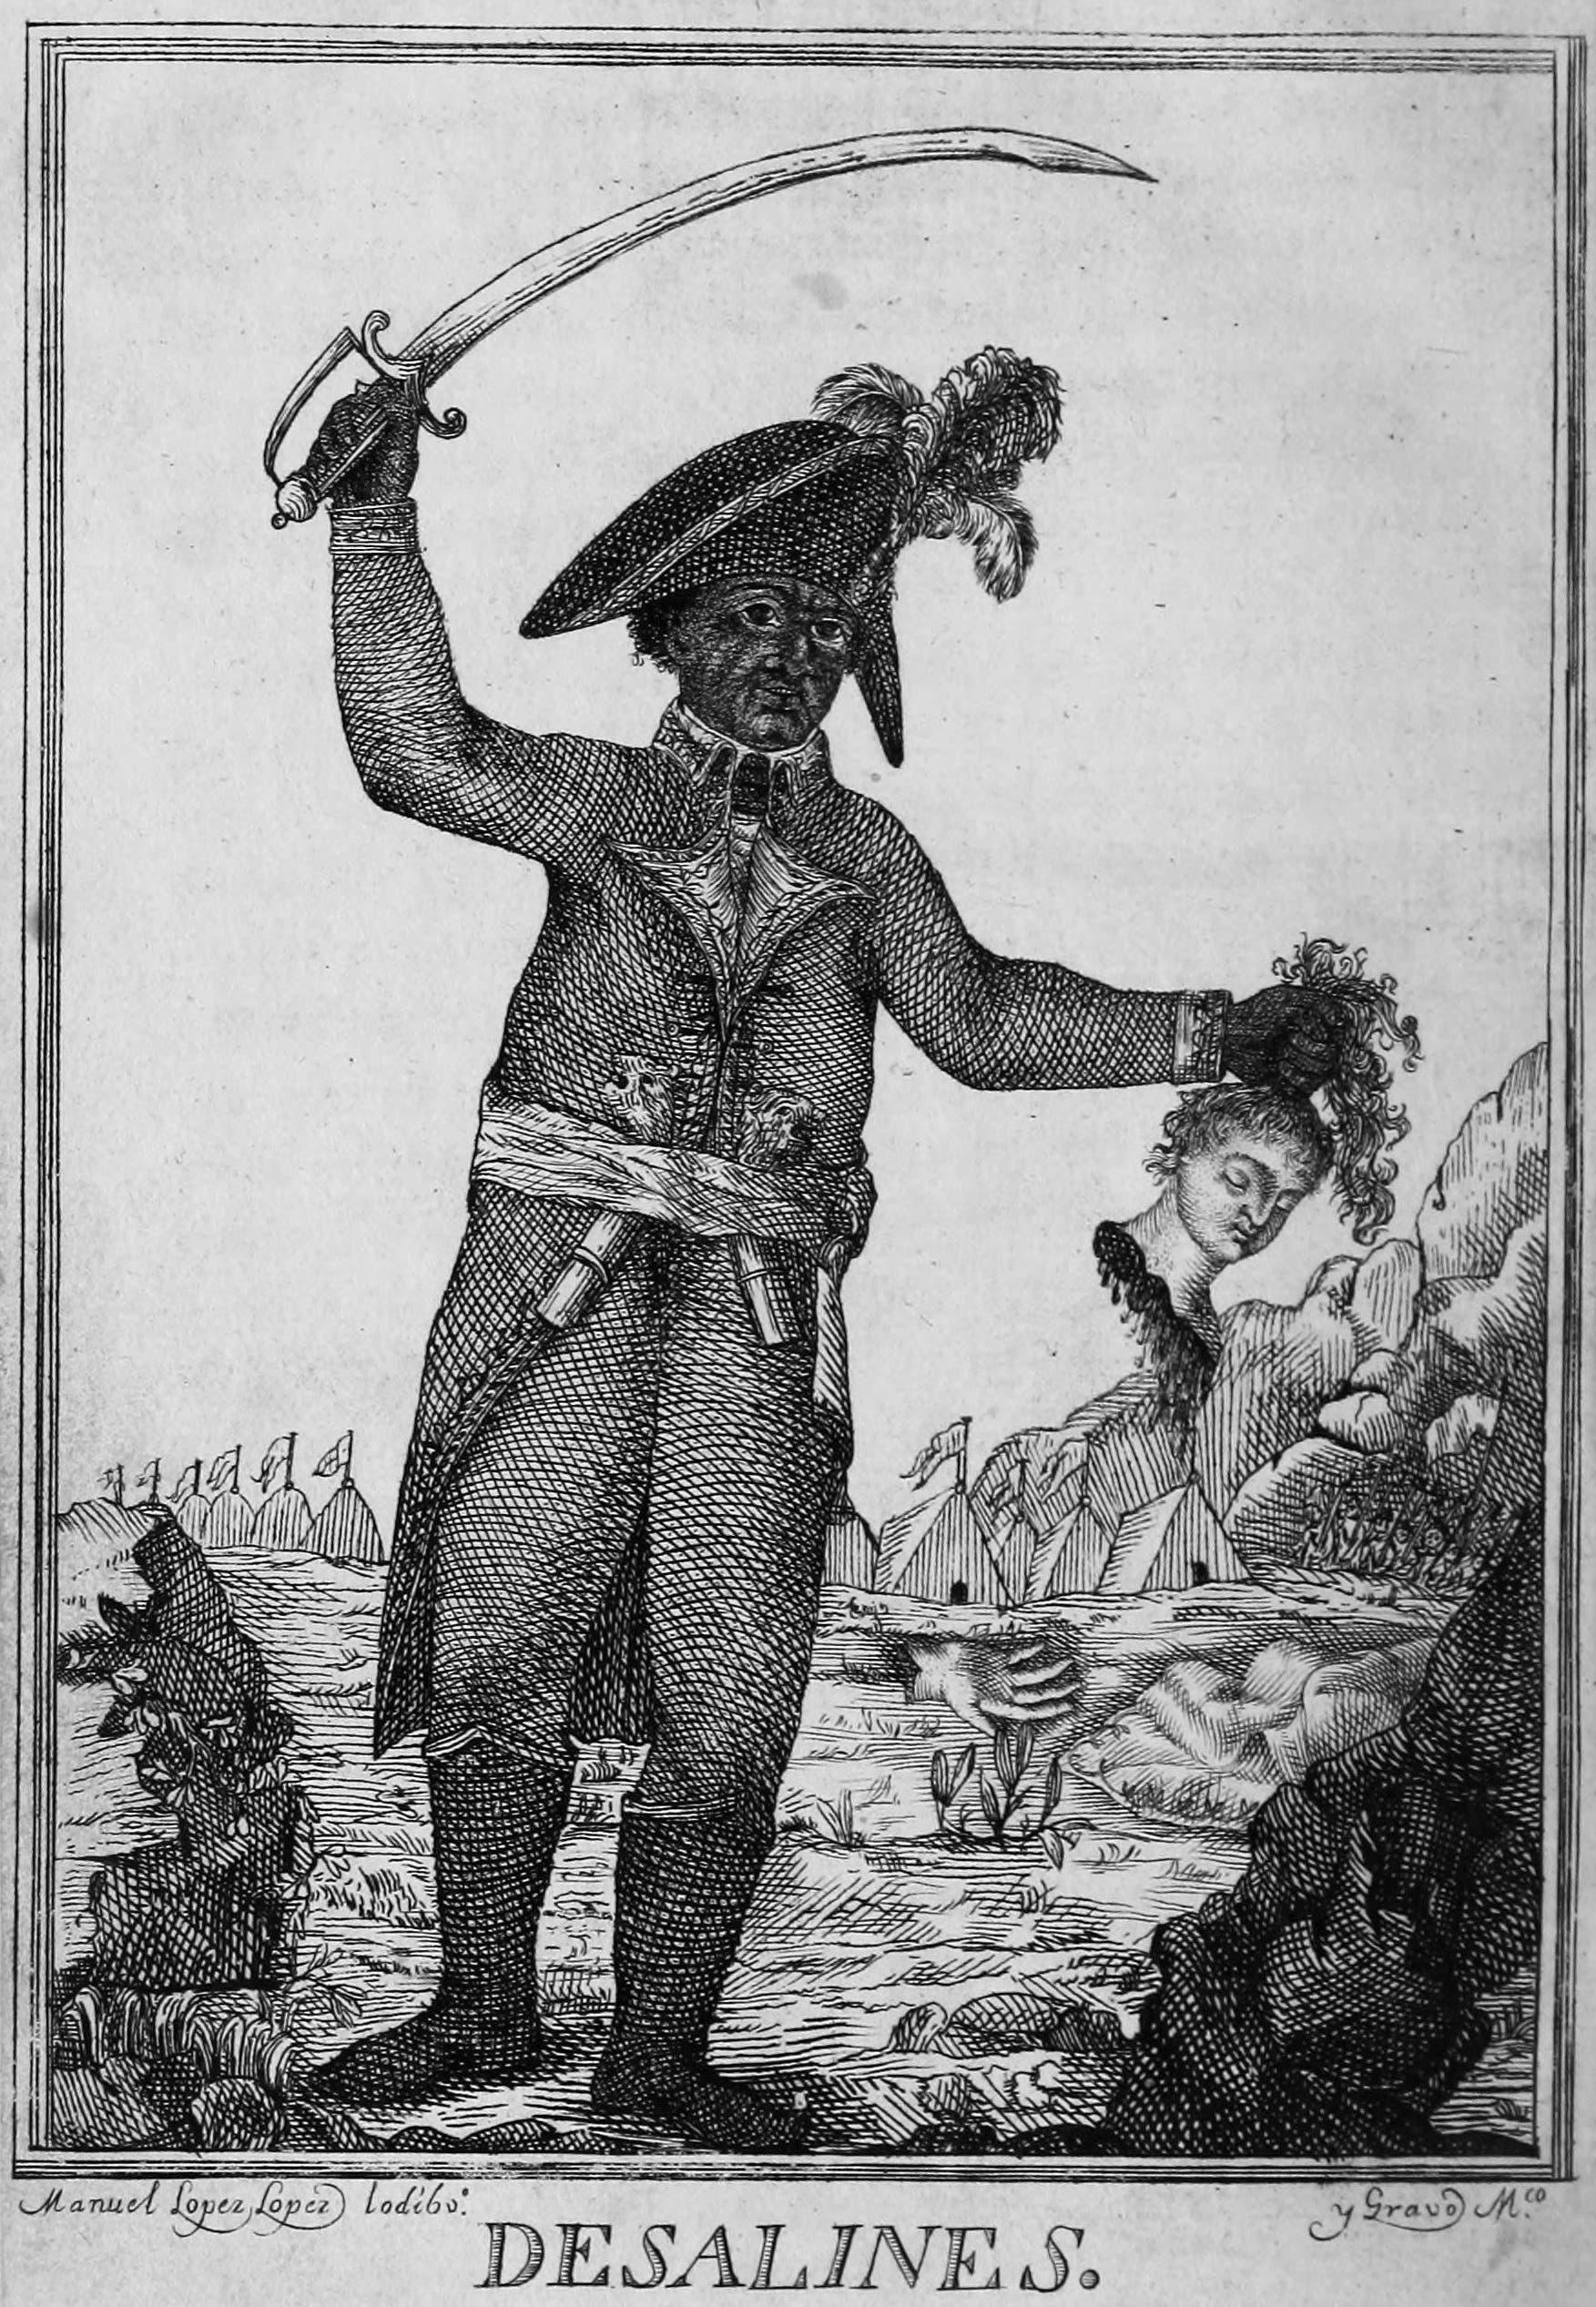 لوحة تجسد ديسالين وهو يحمل بيده رأس فرنسي